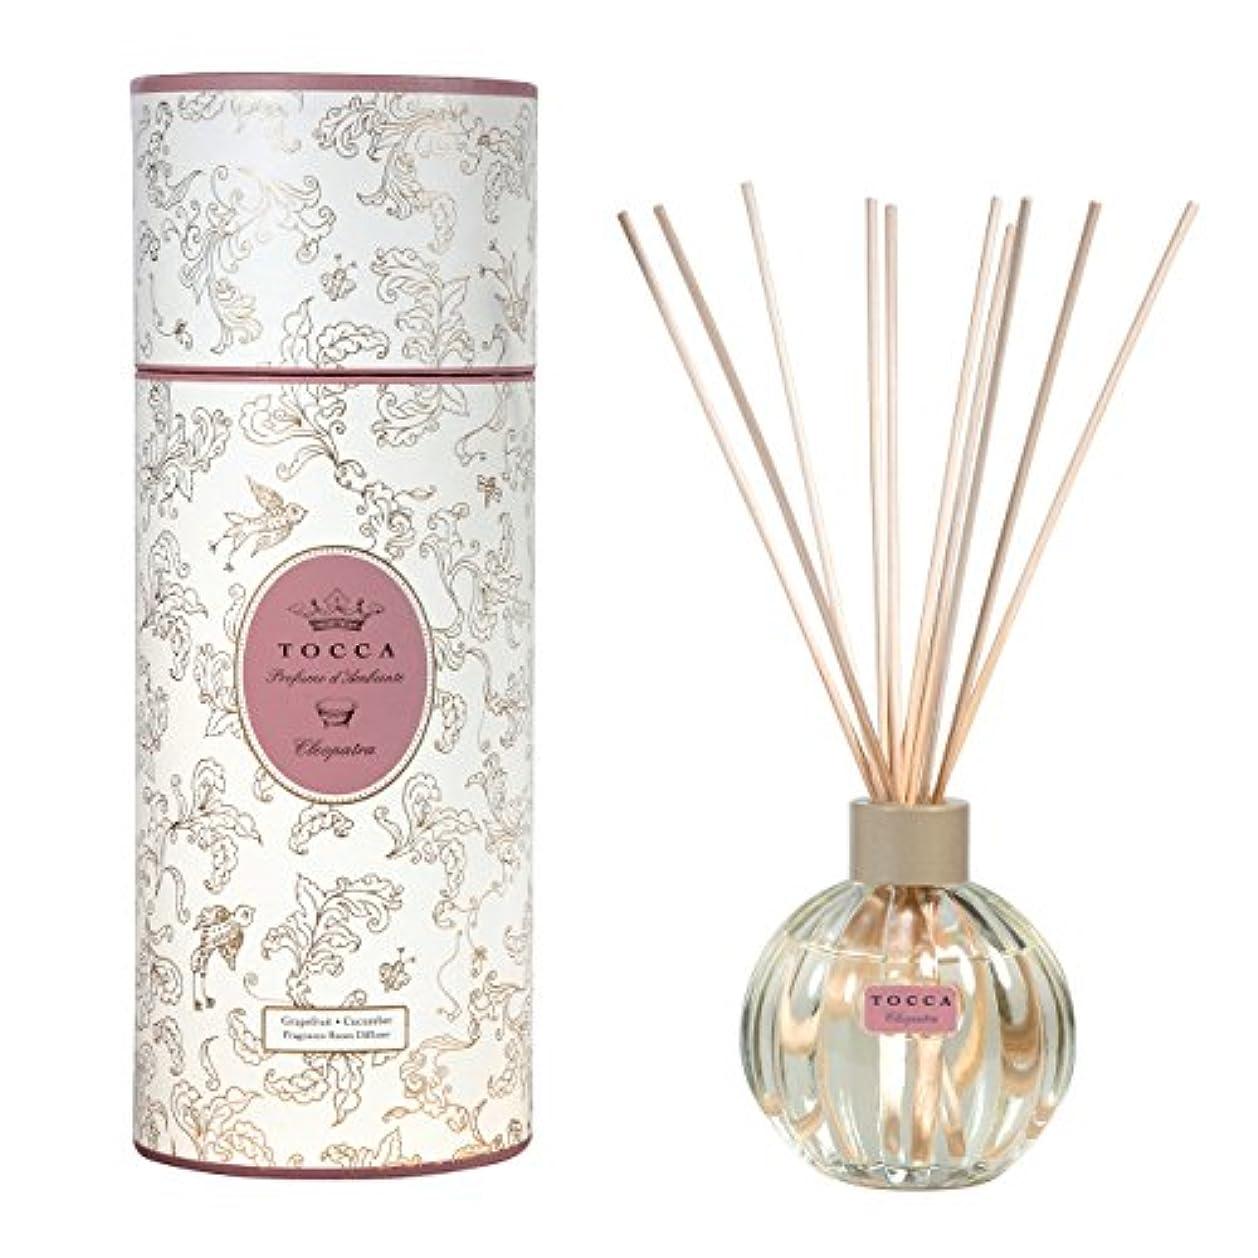 贅沢な詩スキニートッカ(TOCCA) リードディフューザー クレオパトラの香り 175ml 3~4ヶ月持続(芳香剤 ルームフレグランス  グレープフルーツとキューカンバーのフレッシュでクリーンな香り)